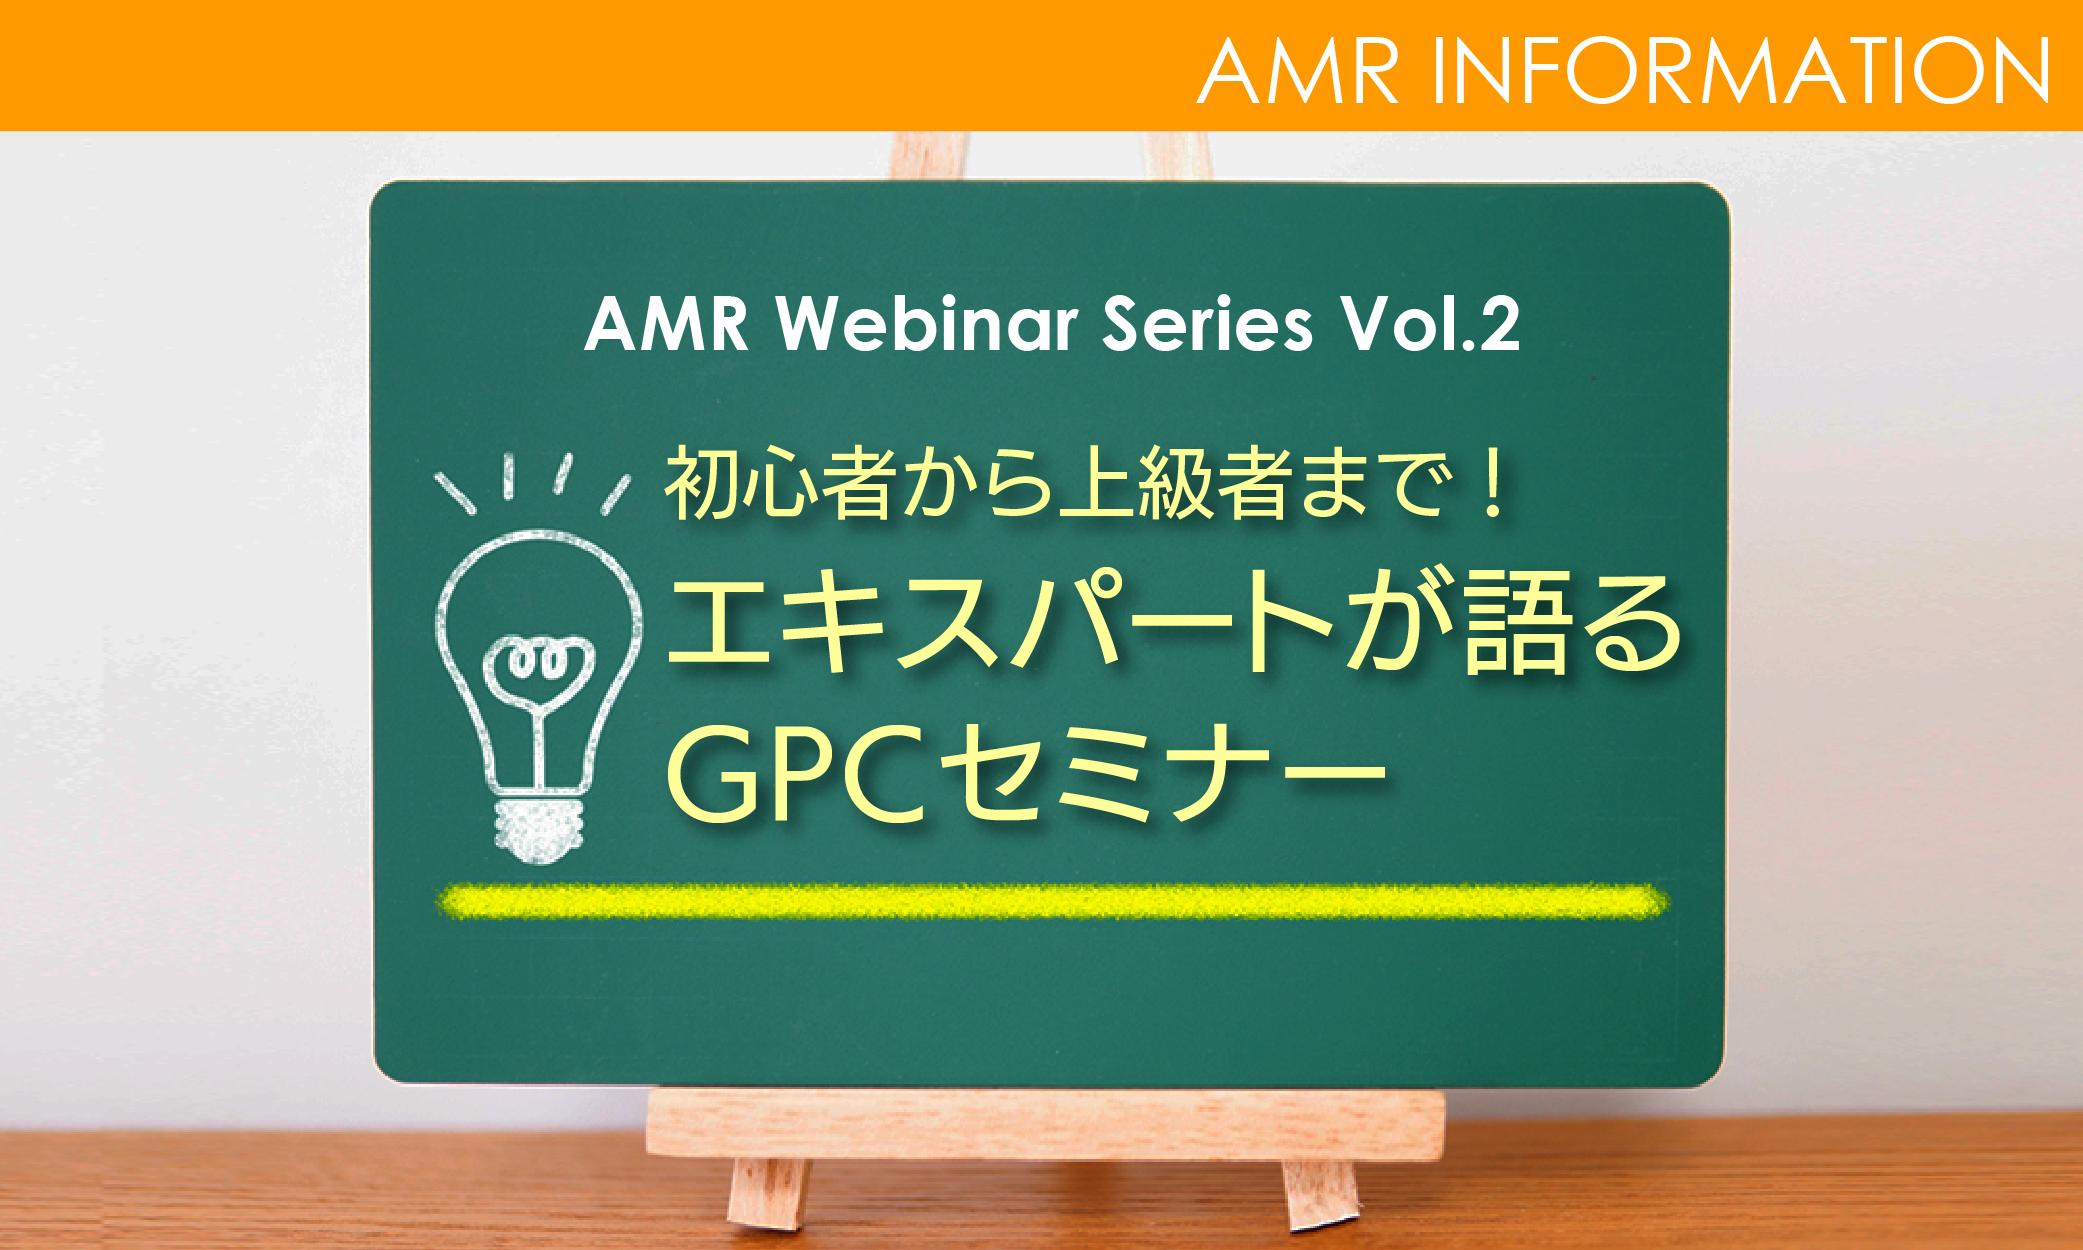 AMR Webinarシリーズ 第2弾 〜初心者から上級者まで!エキスパートが語るGPCセミナー〜【9/18更新】